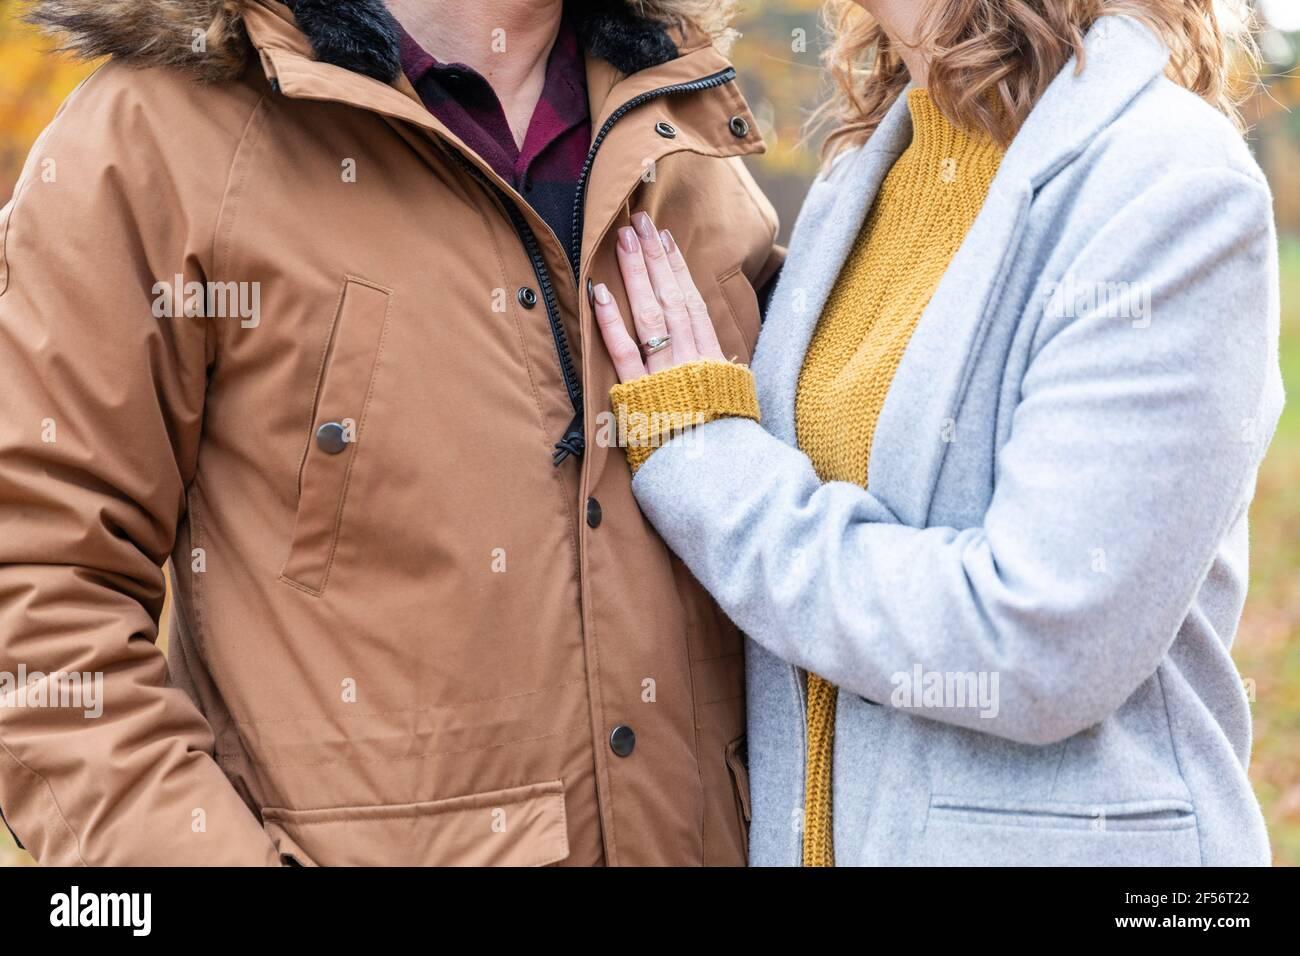 Couple portant une veste debout ensemble en forêt Banque D'Images